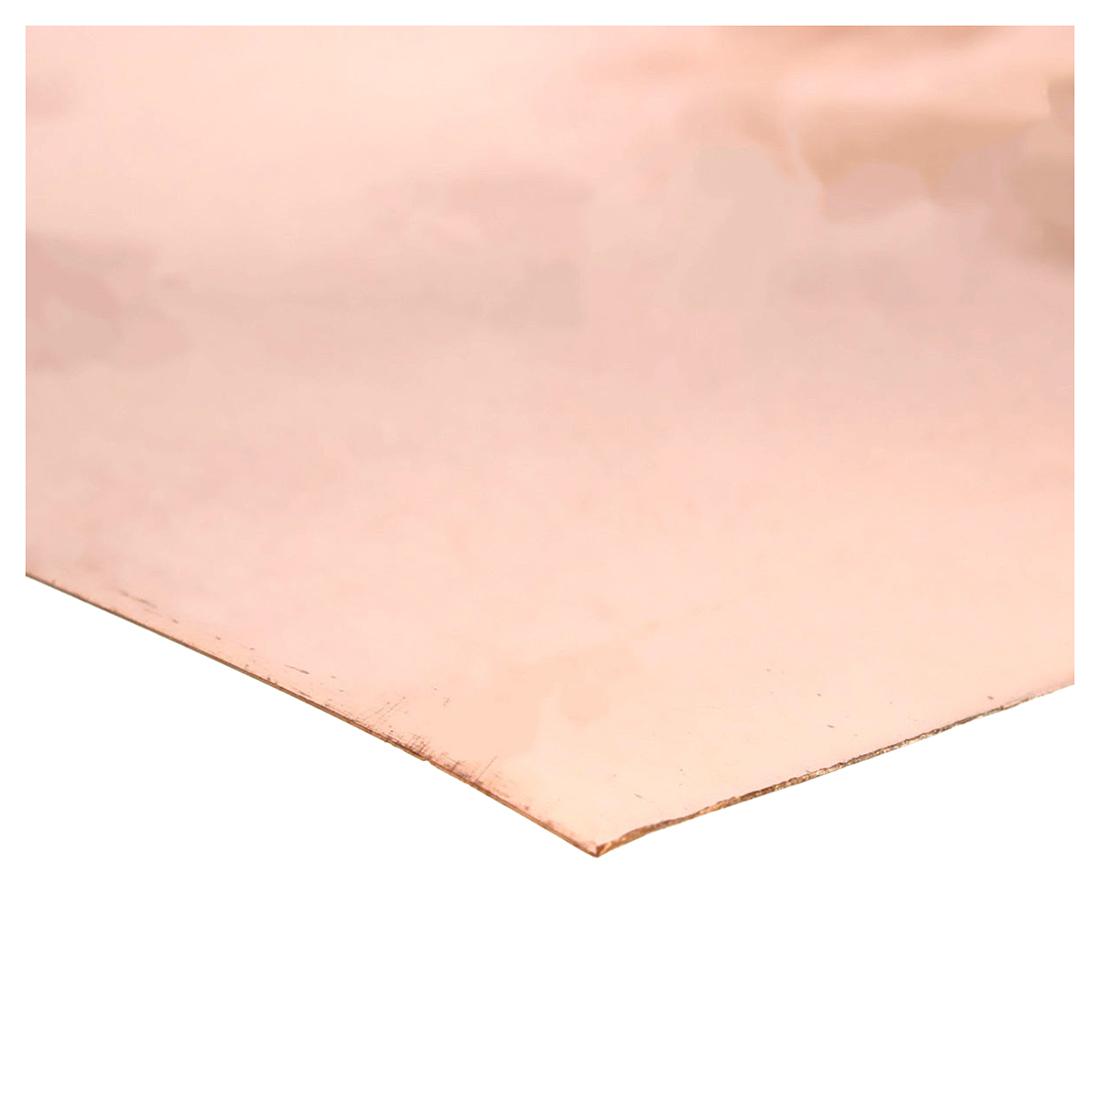 2x metallplatte kupfer platte u6f7 ebay. Black Bedroom Furniture Sets. Home Design Ideas